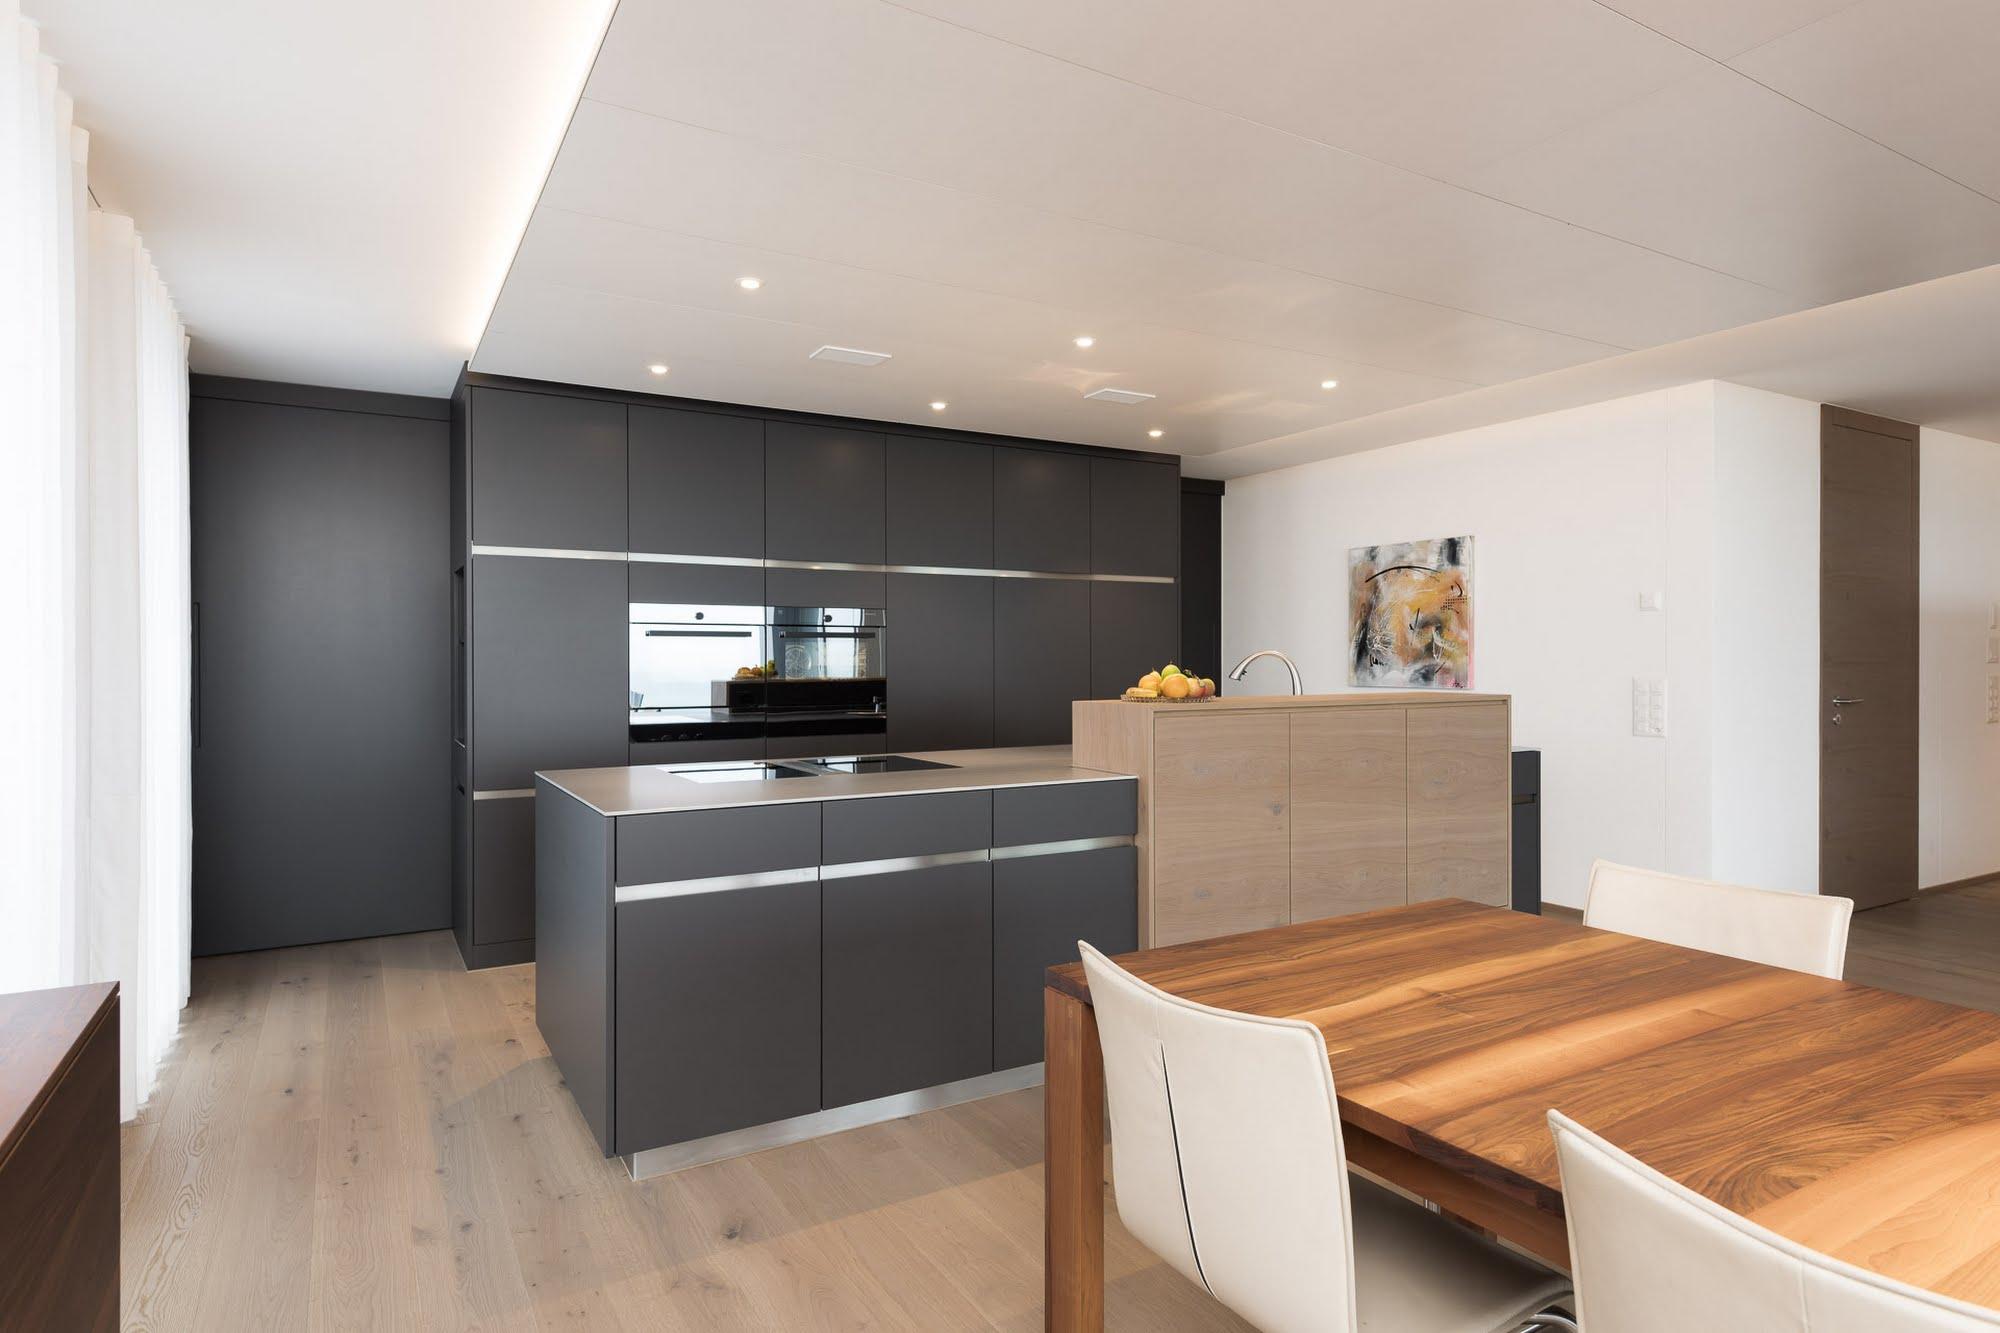 Küche und Innenausbau - Bäder & Badumbau,Küchen & Küchenumbau,Raumgestaltung & Innenarchitektur-Küchen werden immer mehr zum Ort der Begegnung - Sursee, Willisau, Aargau, Zentralschweiz, Luzern, Zofingen